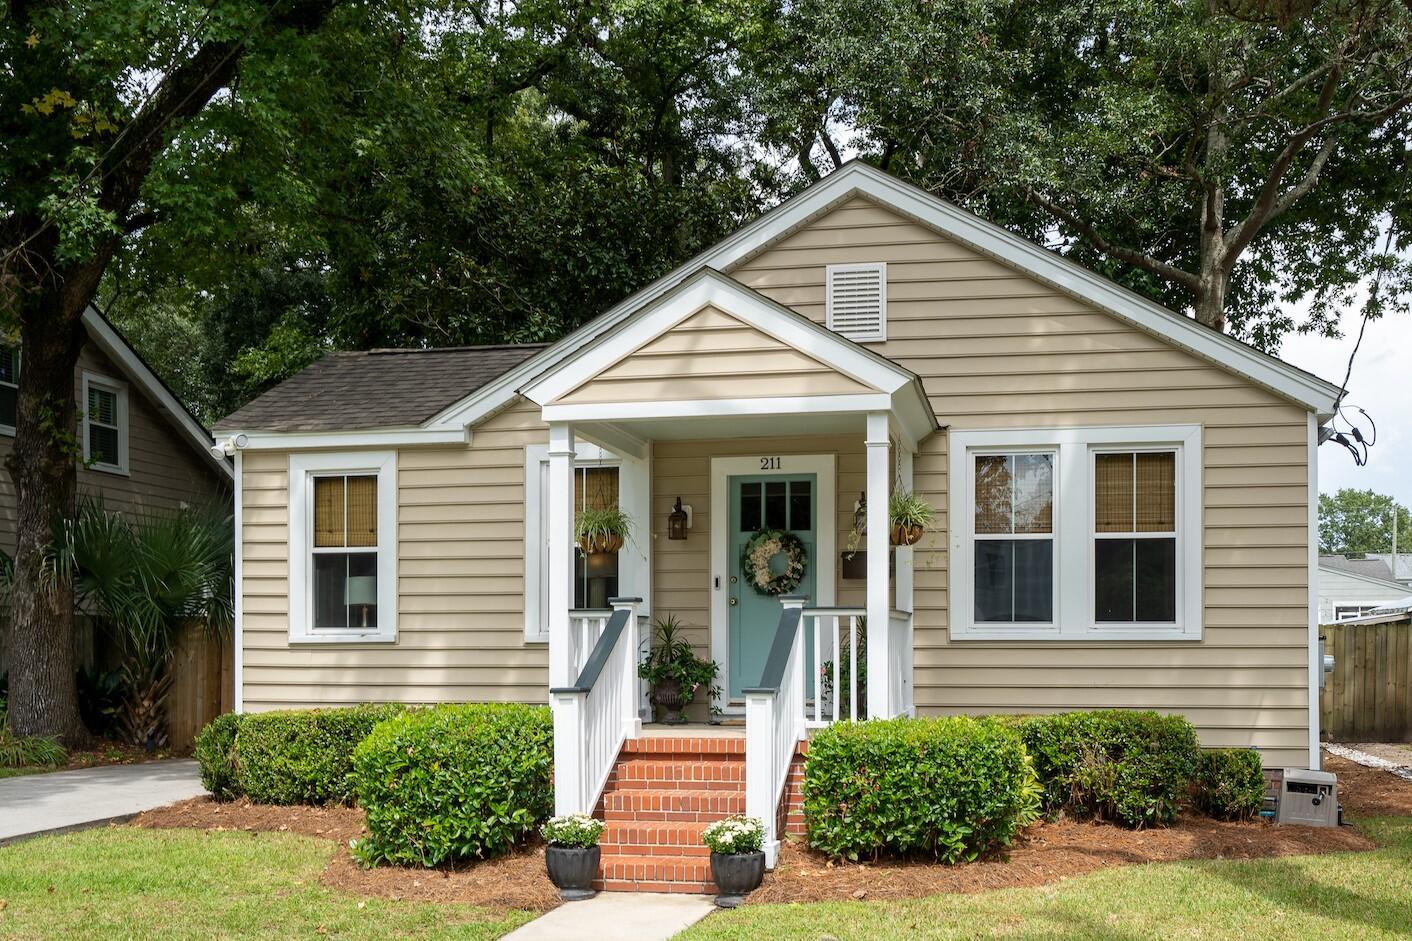 Ask Frank Real Estate Services - MLS Number: 21024940